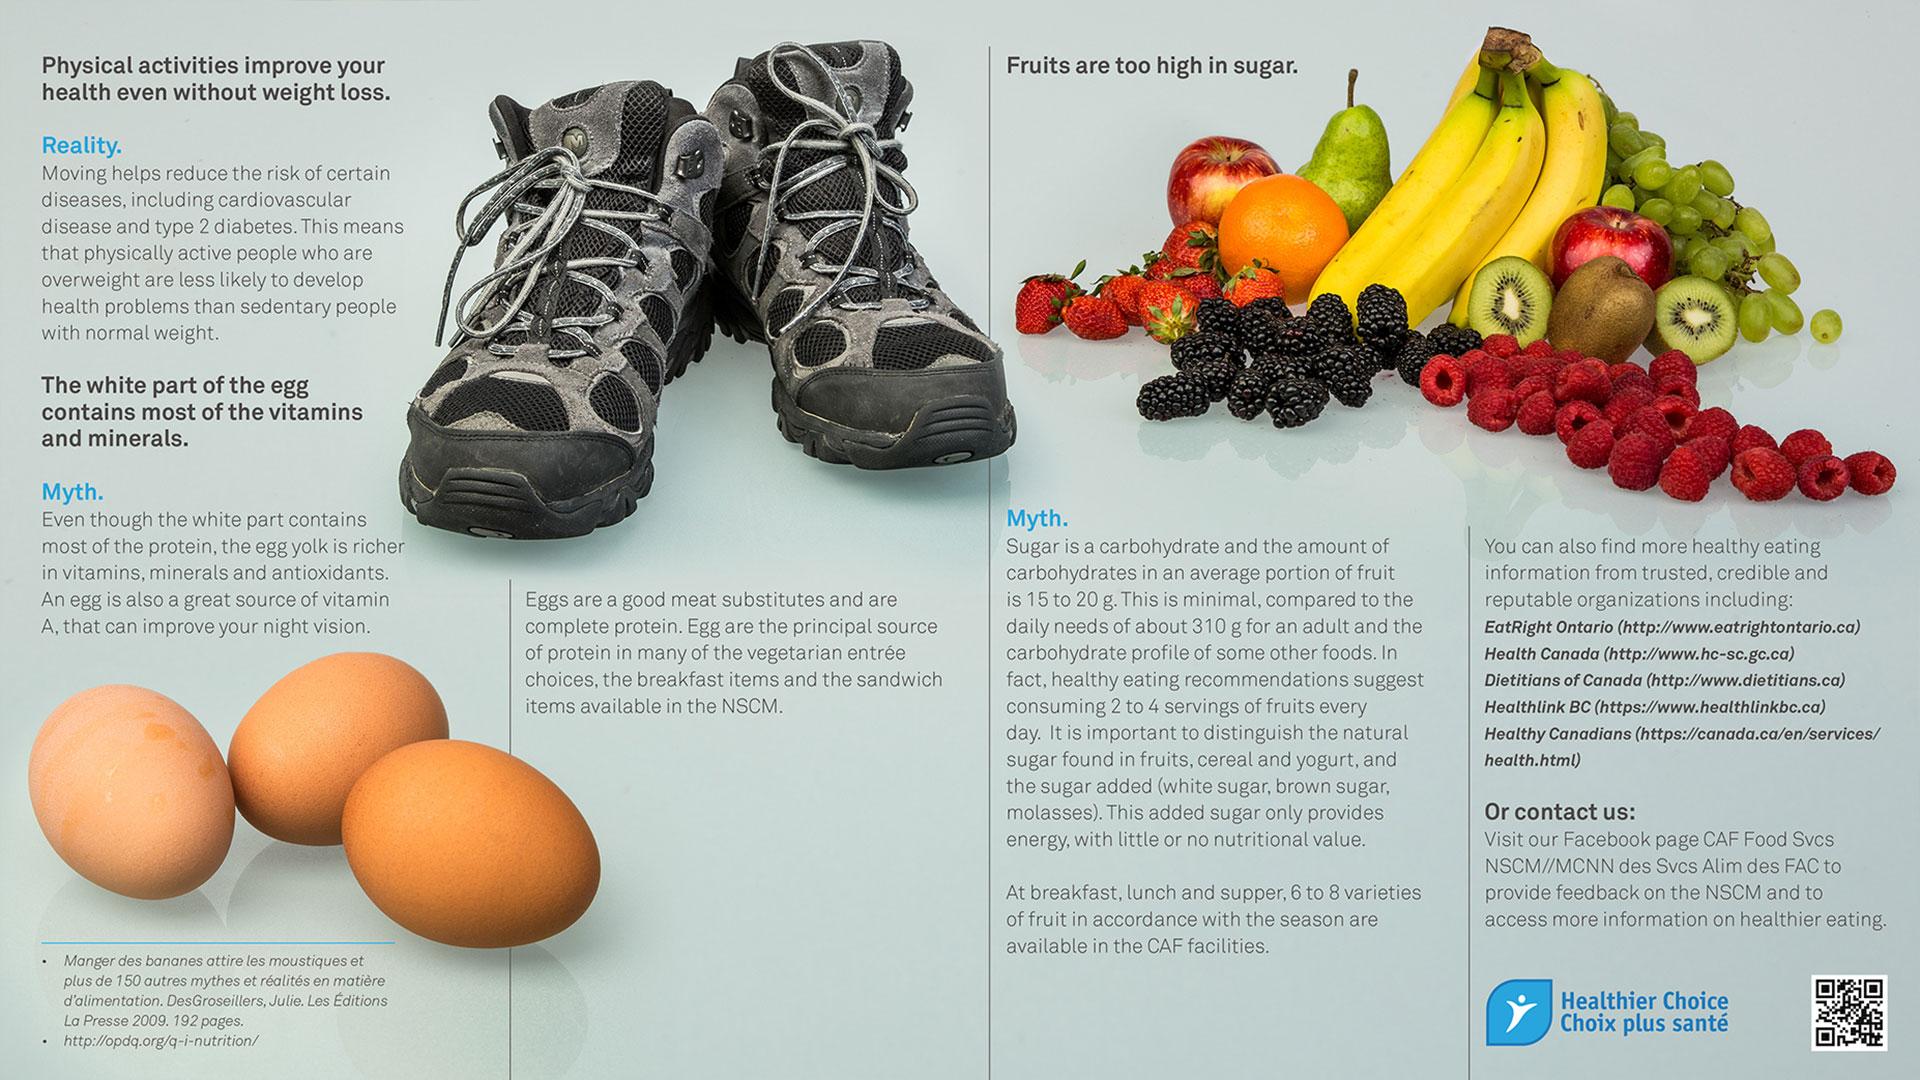 DND_Healthier Choice Brochure_2017-back